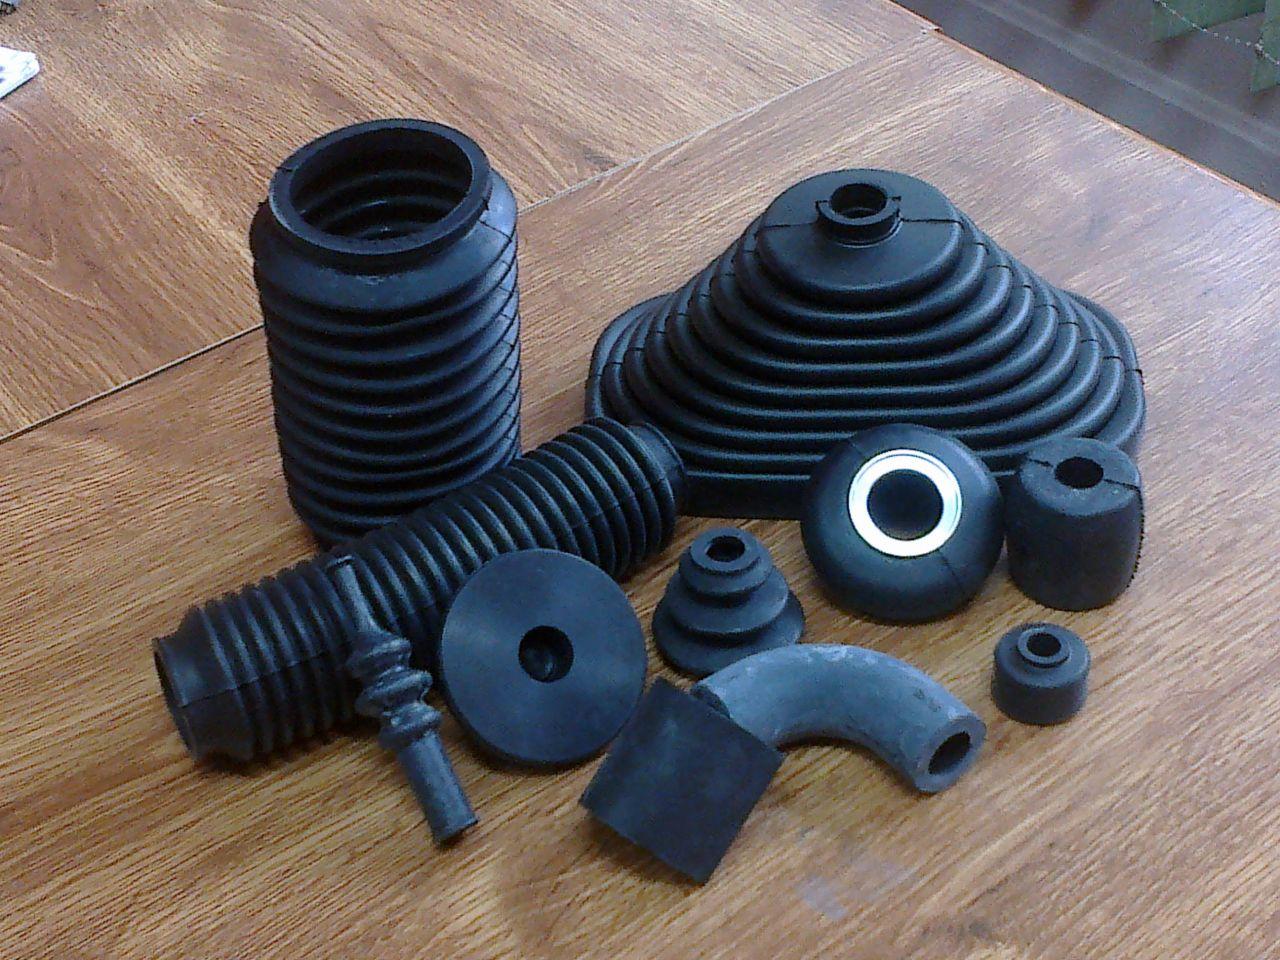 Tatra 613/700 - Prachovky, manžety, kolena, atd...